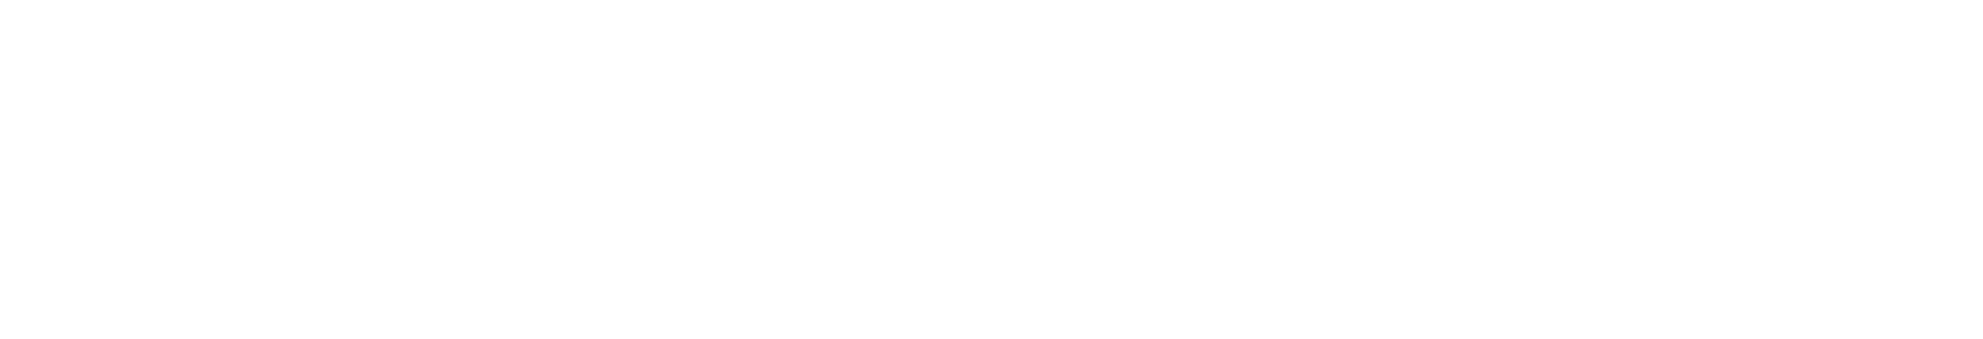 SPAR H _WIT